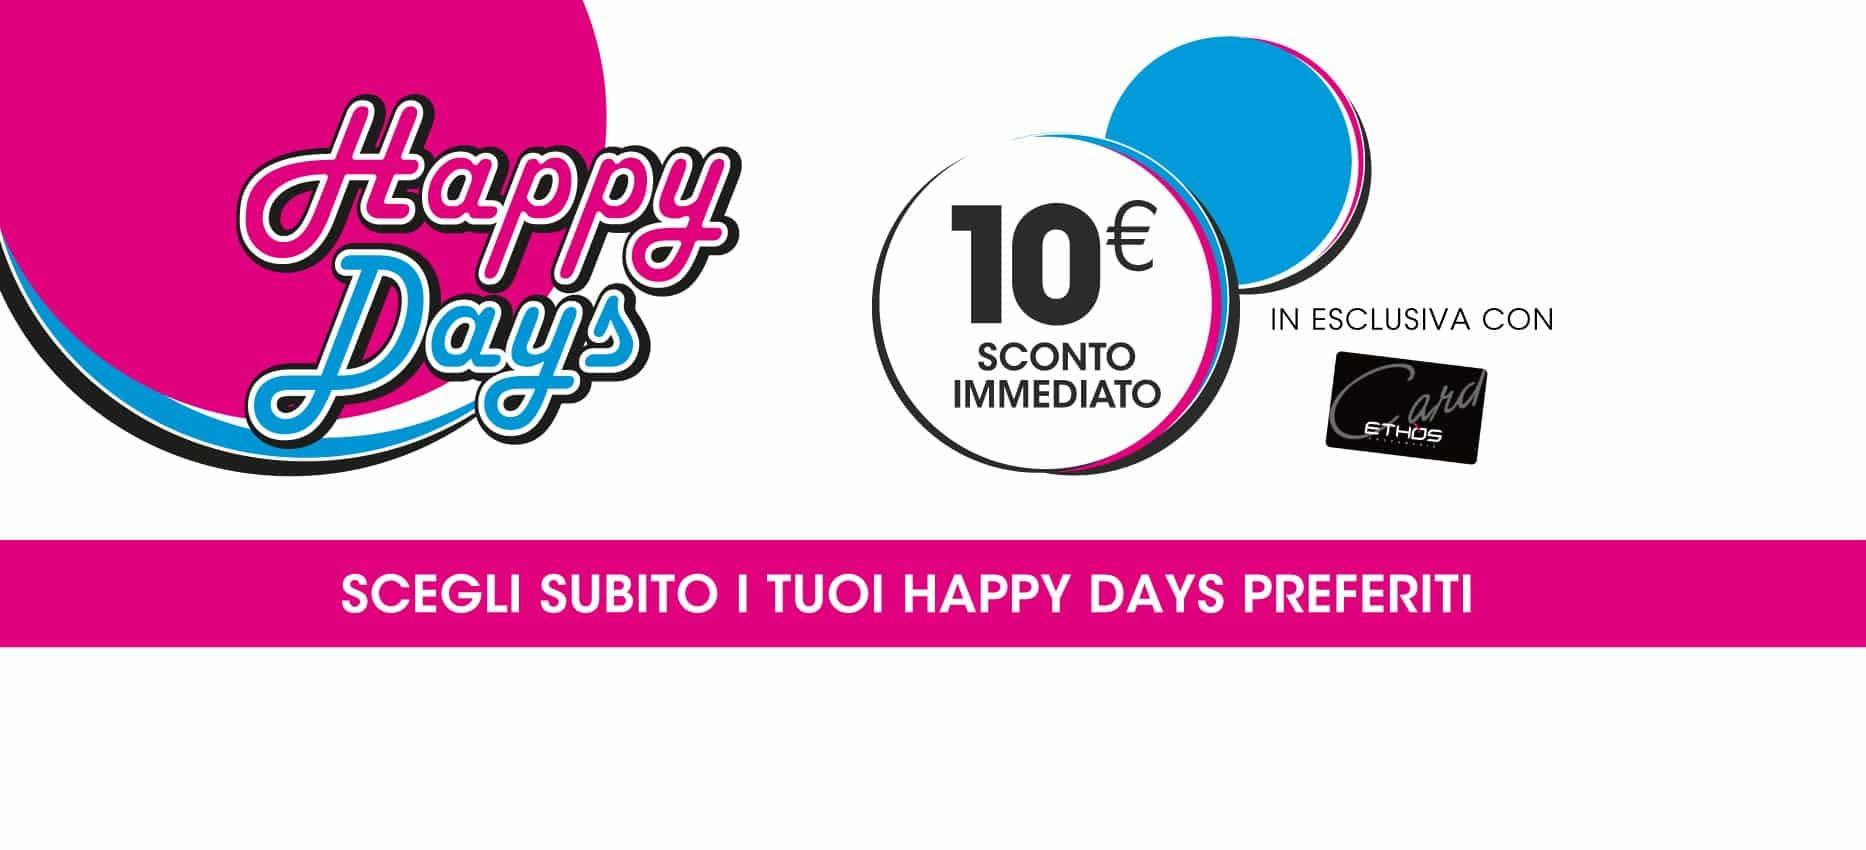 Happy Days 2021 Promozioni sconti immediati